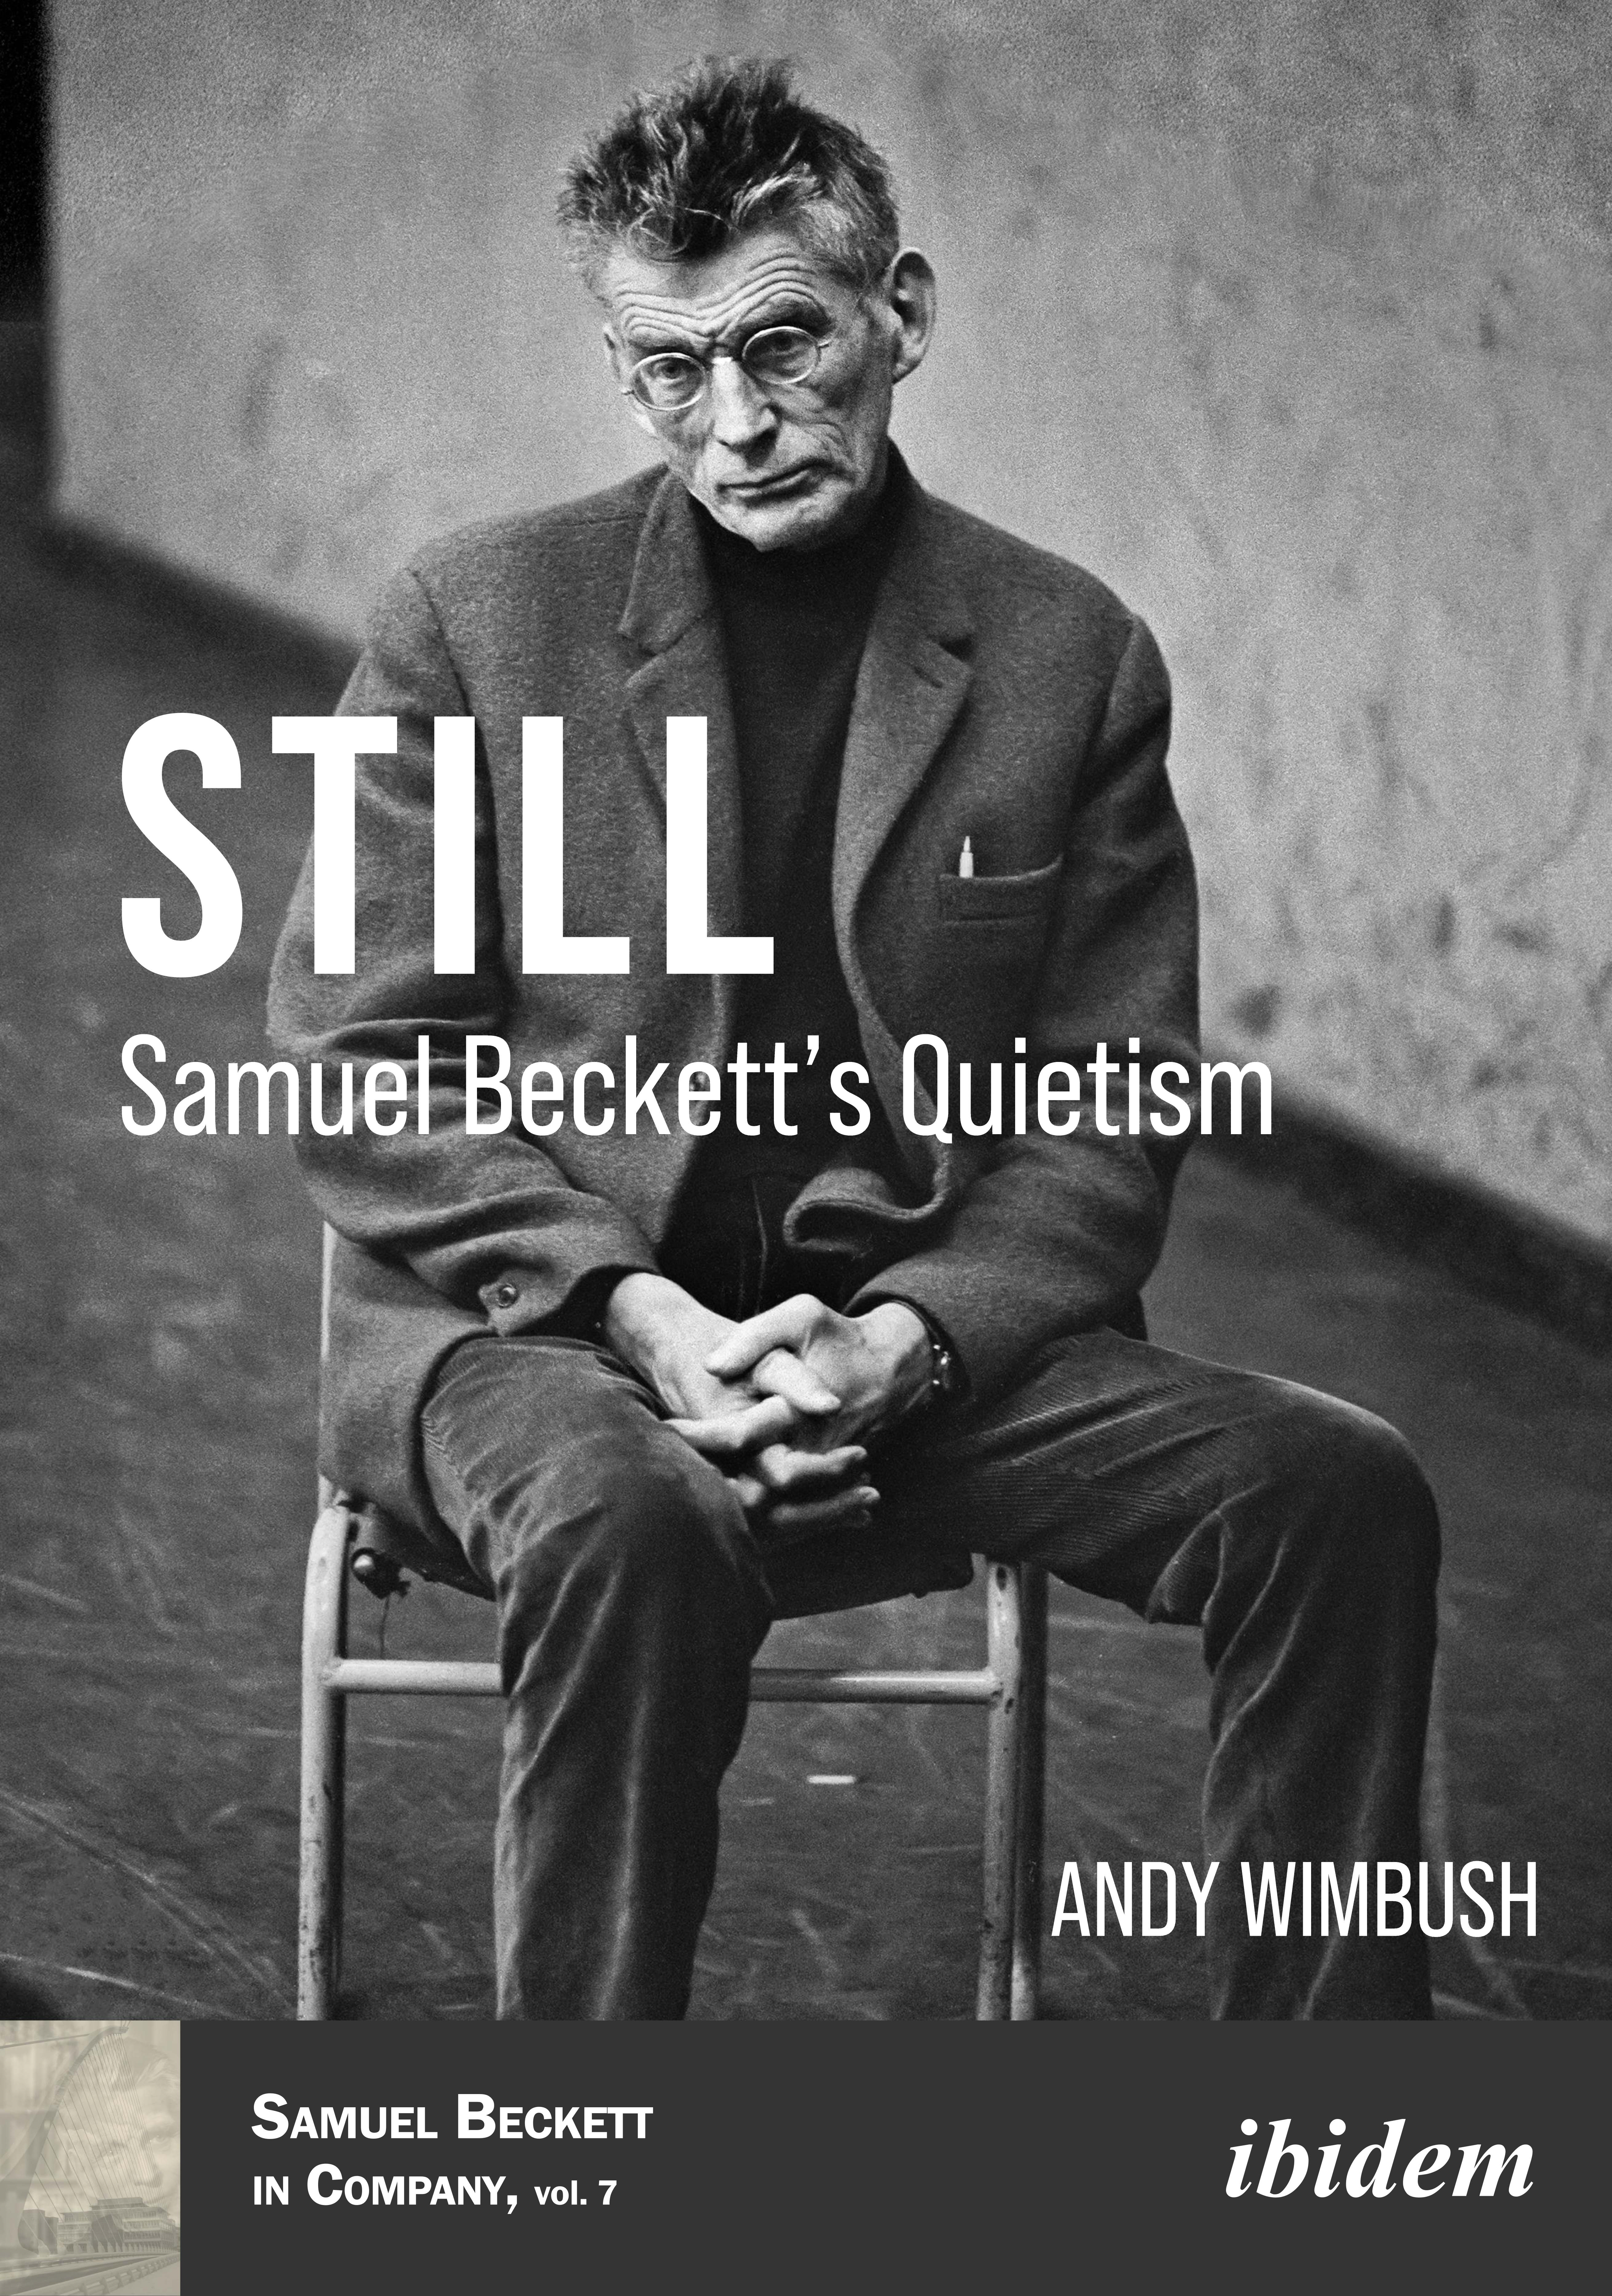 Still: Samuel Beckett's Quietism